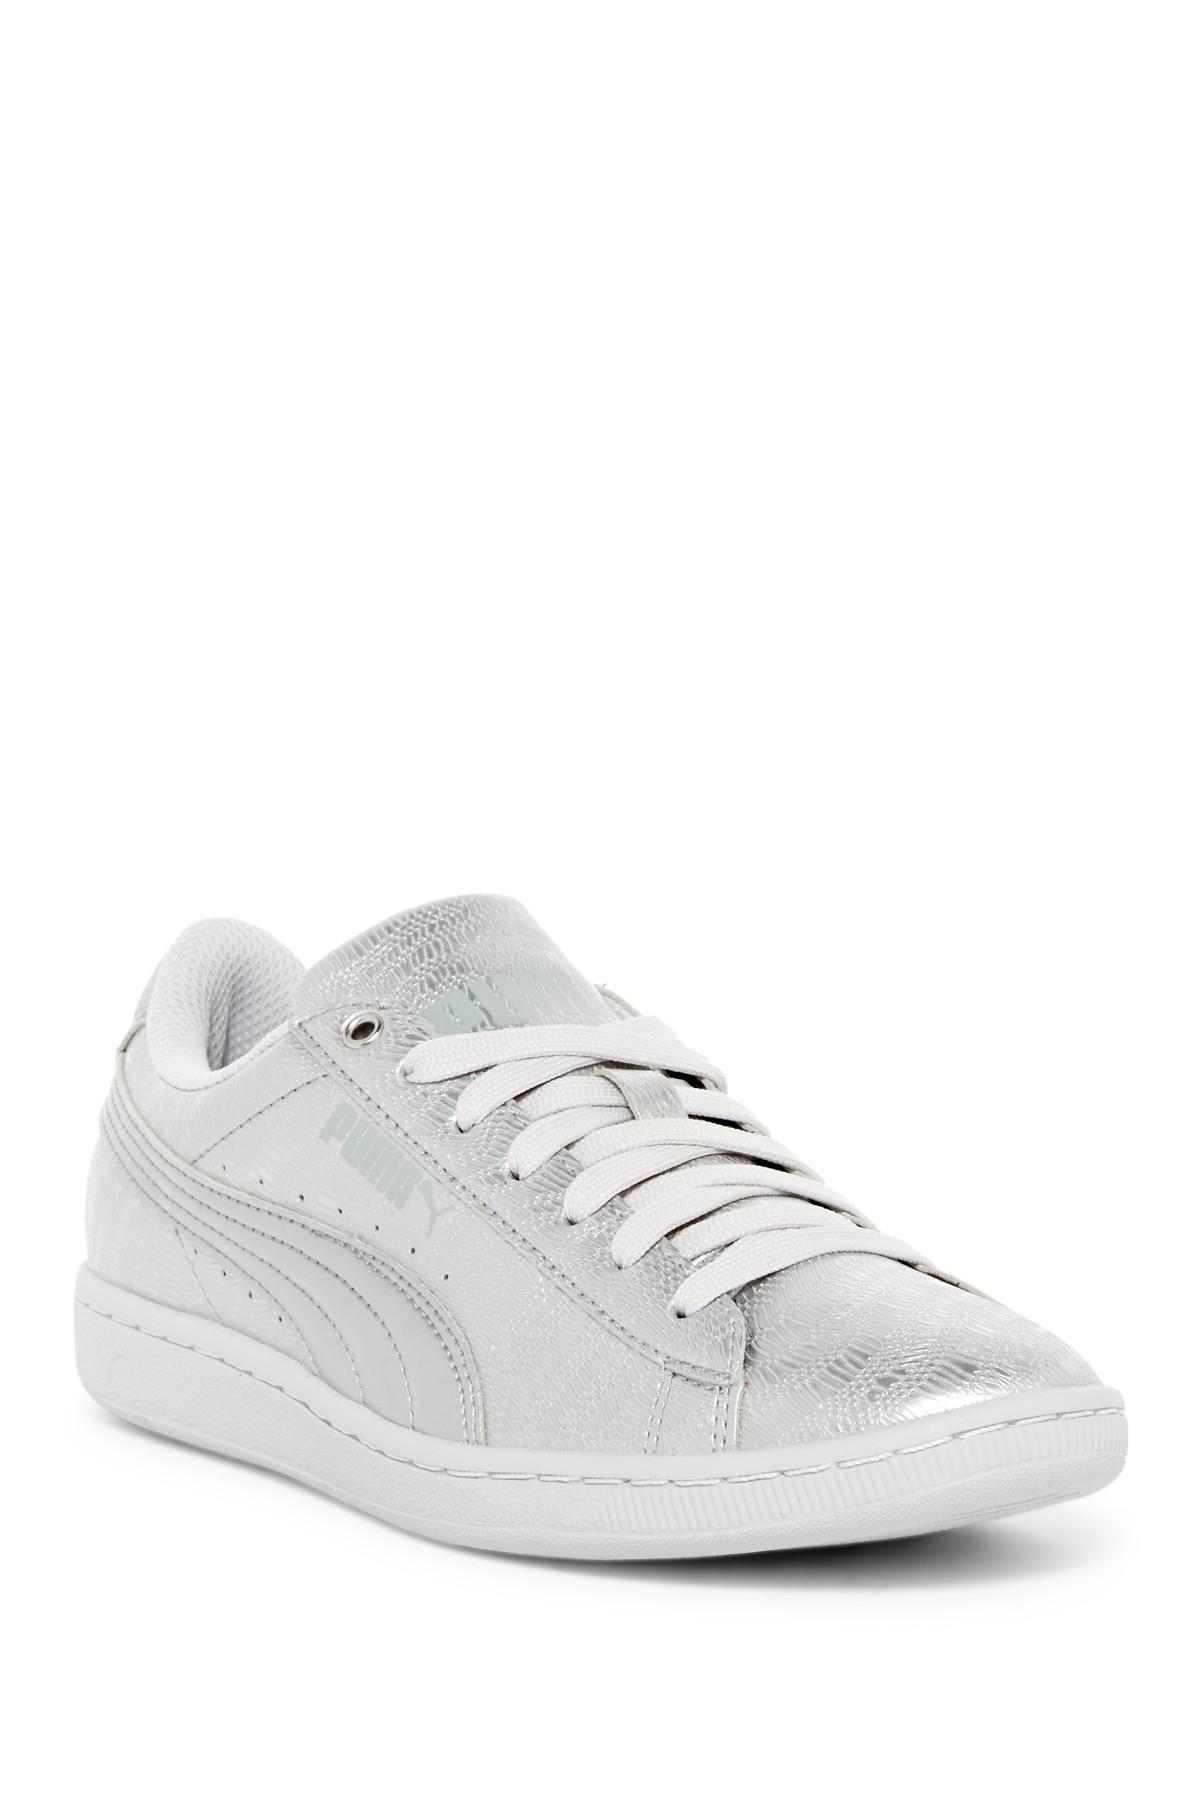 73825972986 Lyst - Puma Vikky Metallic Foam Sneaker in Gray